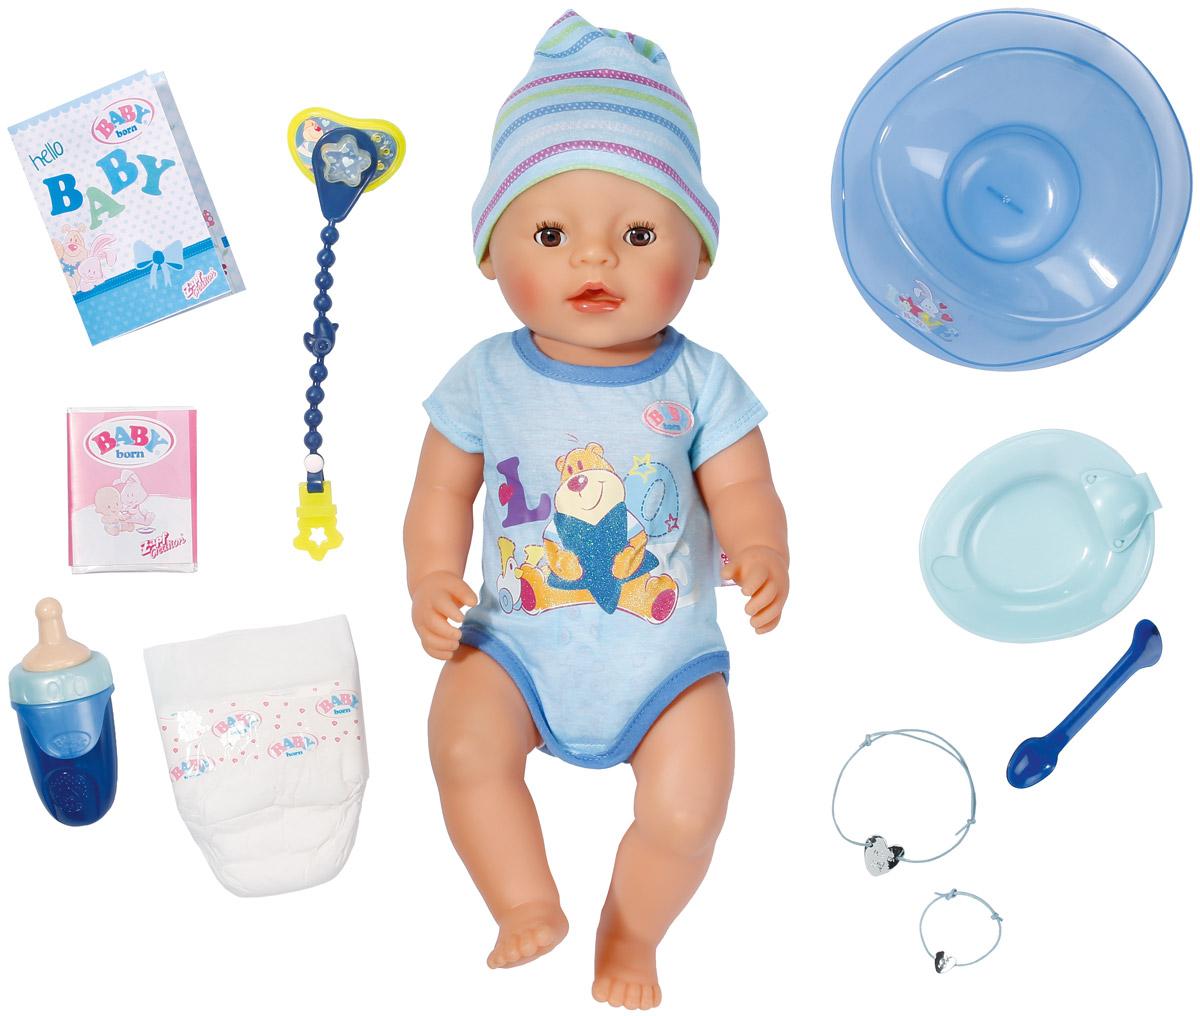 Baby Born Пупс цвет одежды серый голубой822-012Пупс-мальчик Baby Born порадует вашу малышку и доставит ей много удовольствия от часов игры. В комплект с пупсом входят боди и шапочка, горшок, бутылочка, соска, цепочка для соски, памперс, питание, тарелочка с ложкой, два браслета (один - для куклы, другой - для девочки). Пупс Baby Born плачет настоящими слезами, закрывает глазки, пьет и писает в памперс. Его можно купать. Также его можно кормить, после чего он сходит на горшок. При нажатии на пупочек малыш писает, при втором нажатии - какает. Игра с пупсом разовьет в вашей малышке фантазию и любознательность, поможет овладеть навыками общения и научит ролевым играм, воспитает чувство ответственности и заботы. Порадуйте ее таким замечательным подарком!